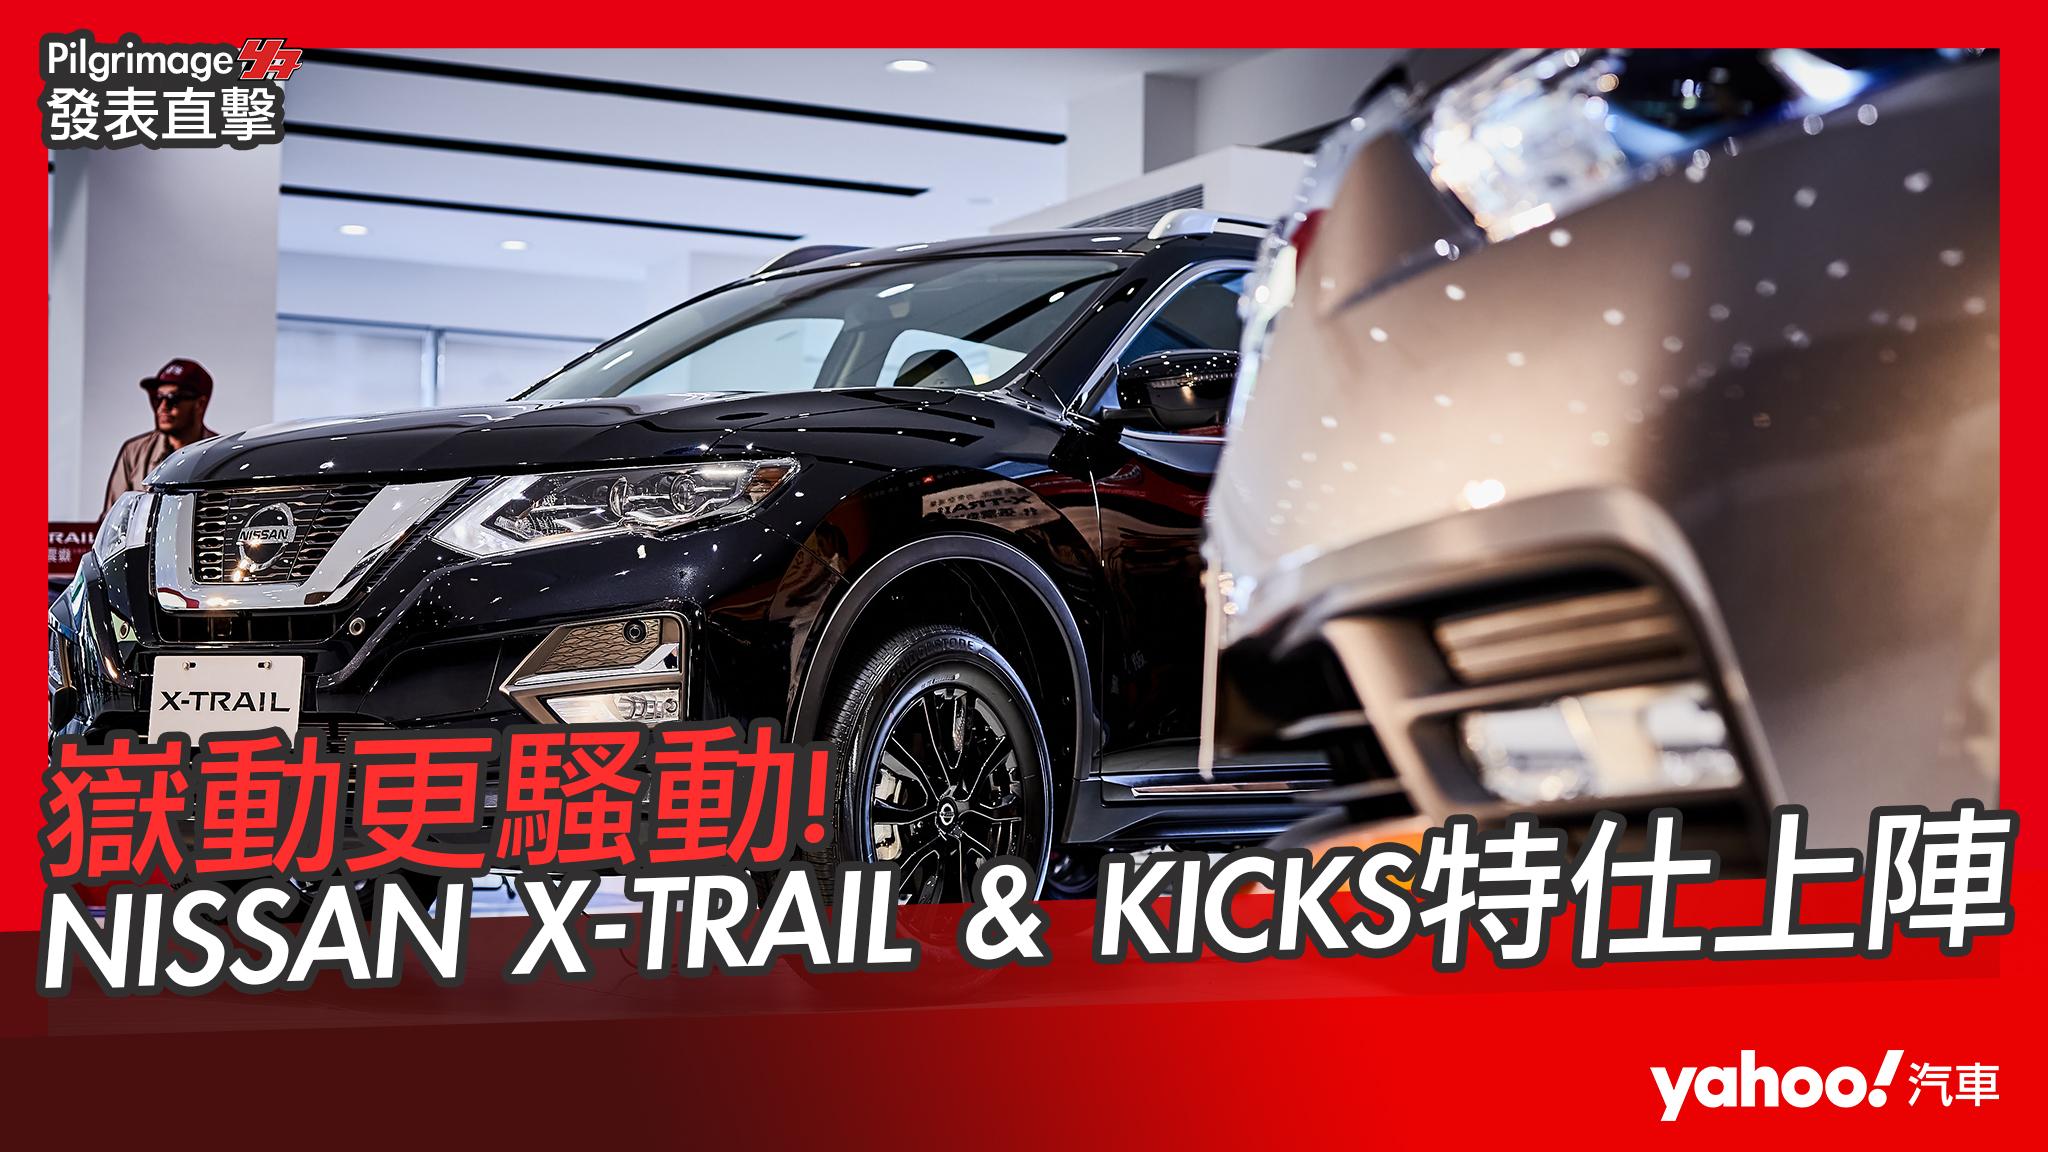 【發表直擊】NISSAN X-TRAIL & KICKS 嶽騷特仕車發表會